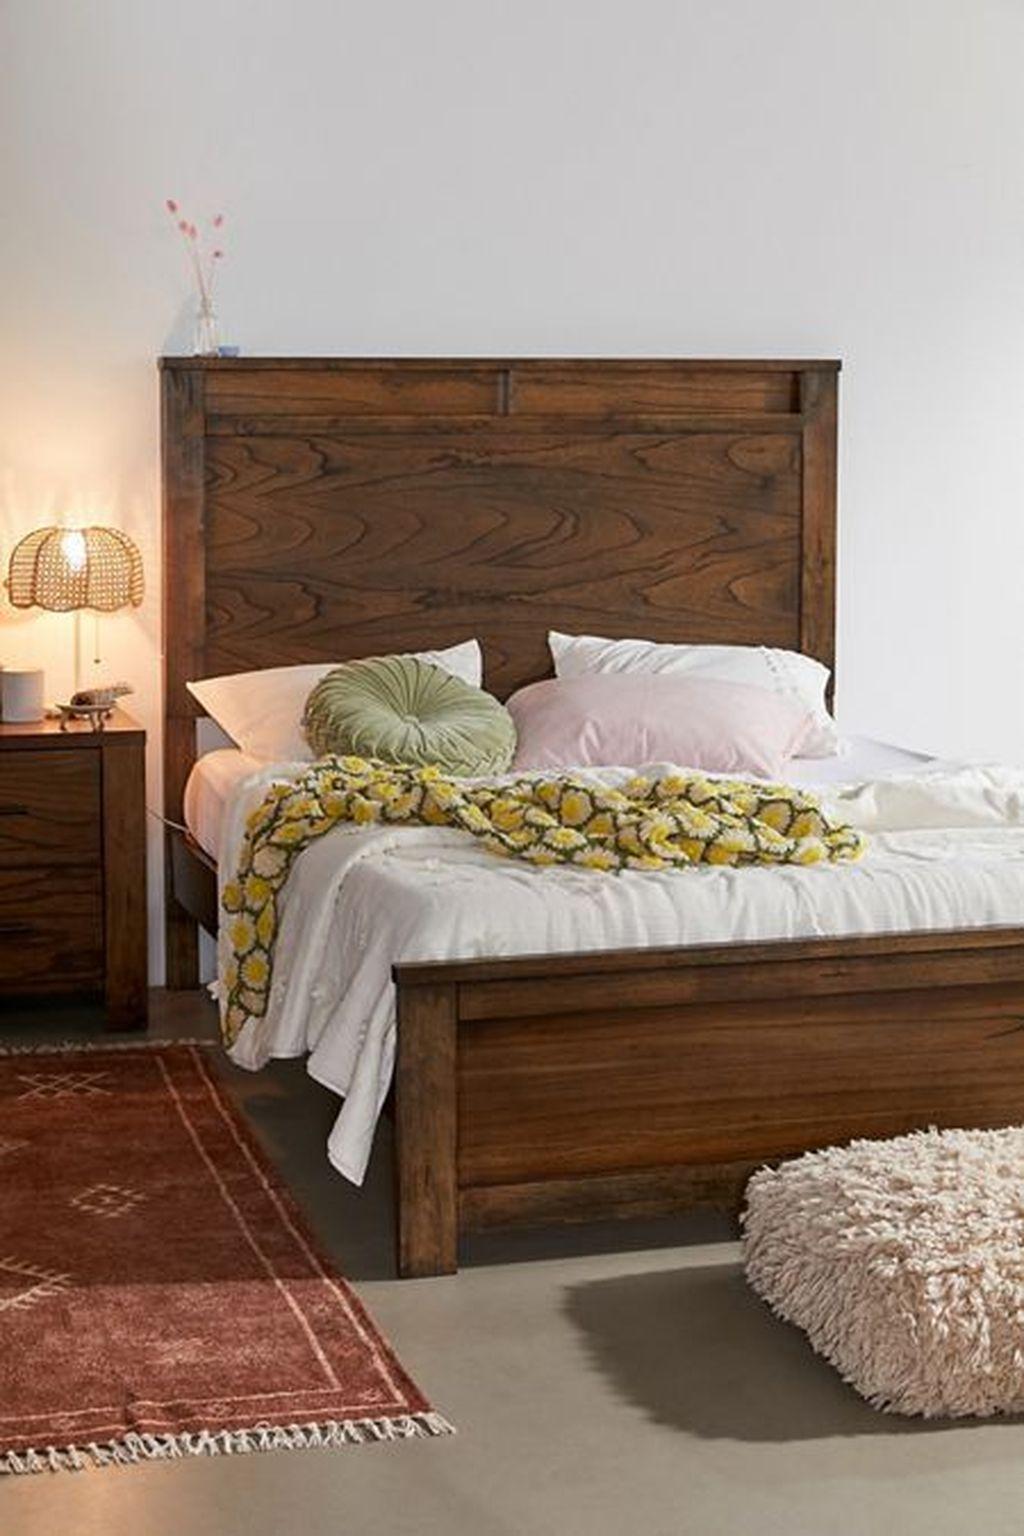 Amazing Vintage Wooden Bed Frame Design Ideas 31